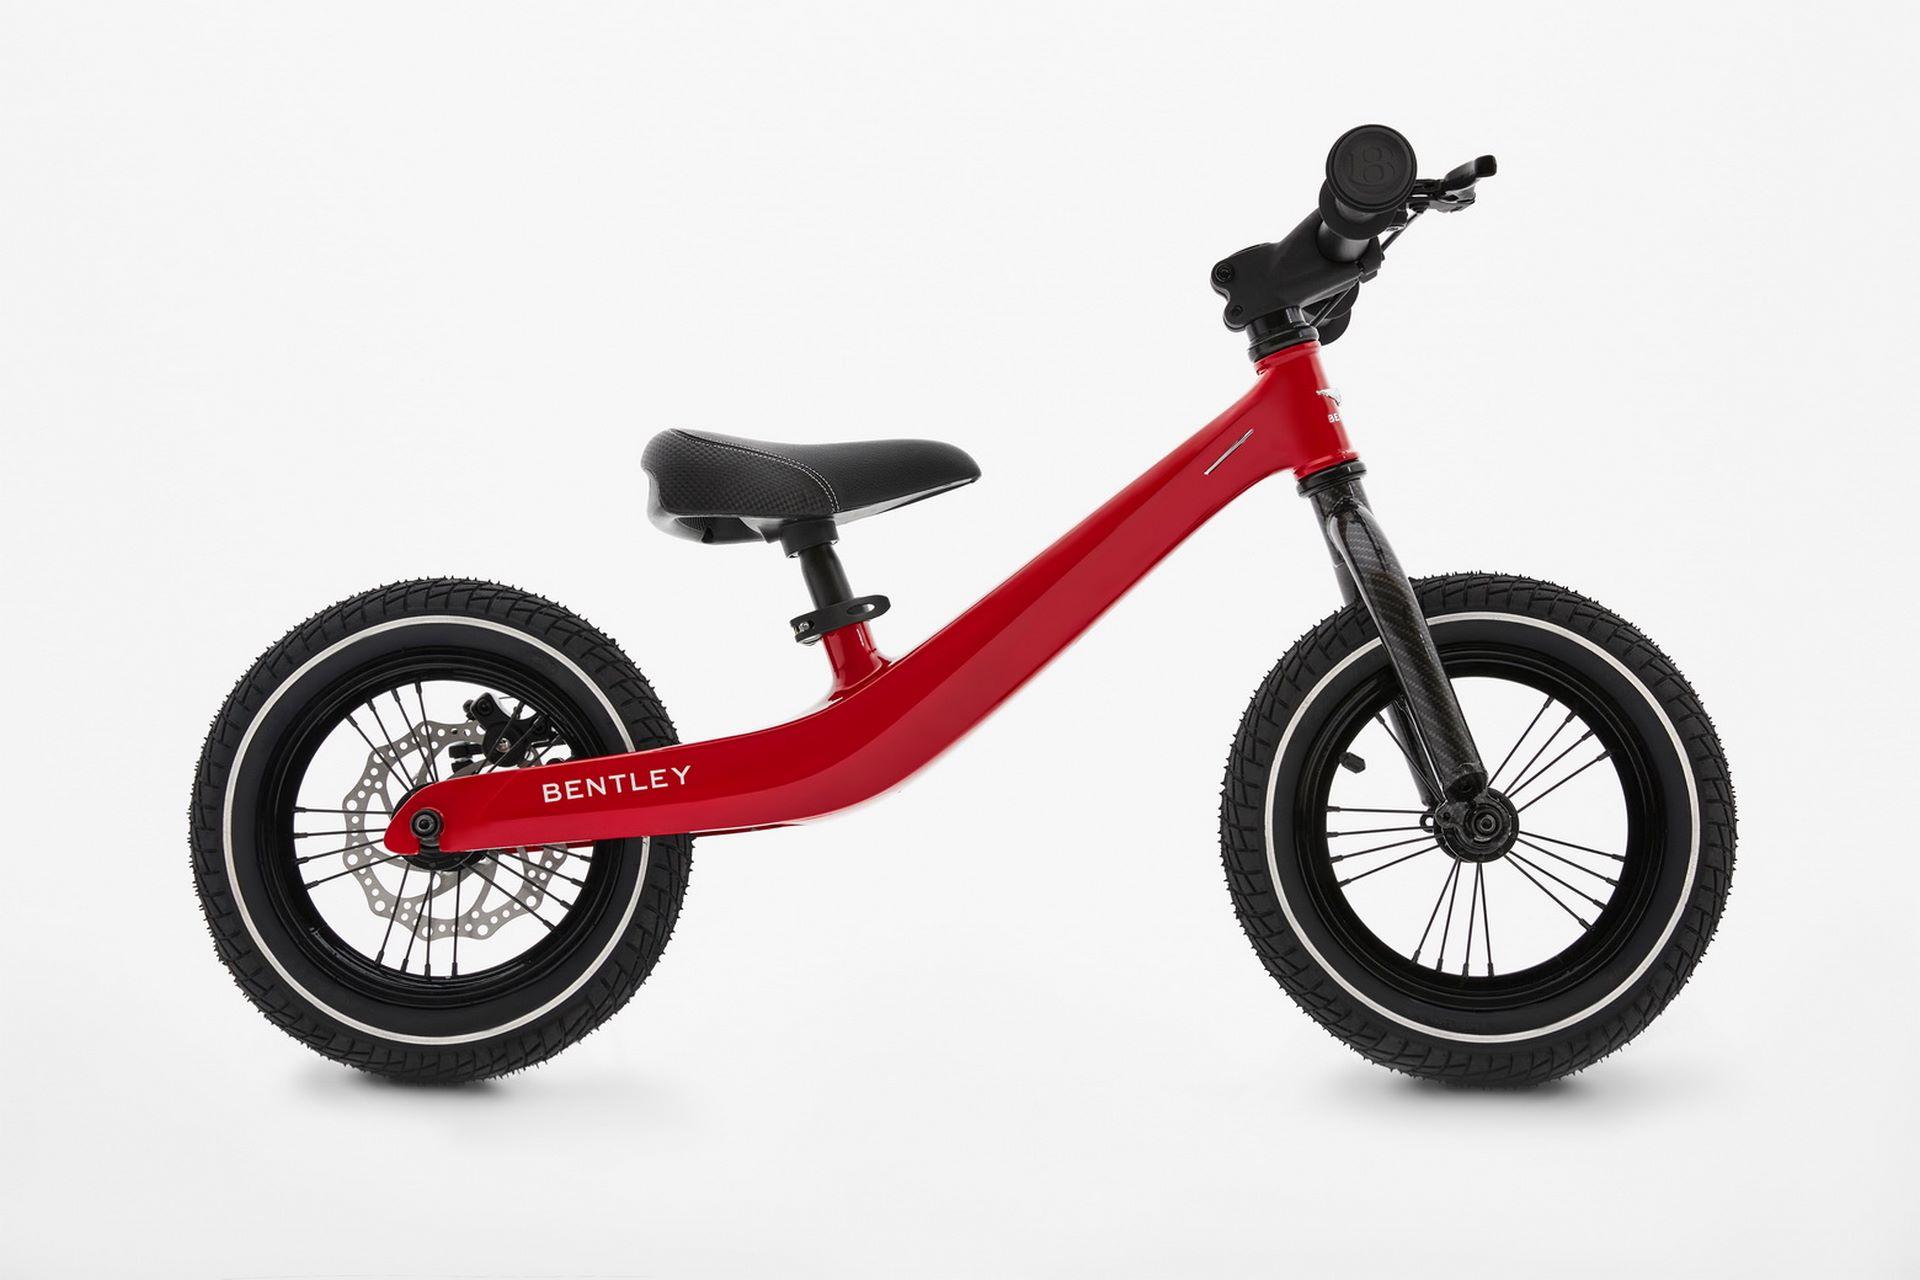 Bentley-Balance-Bike-11